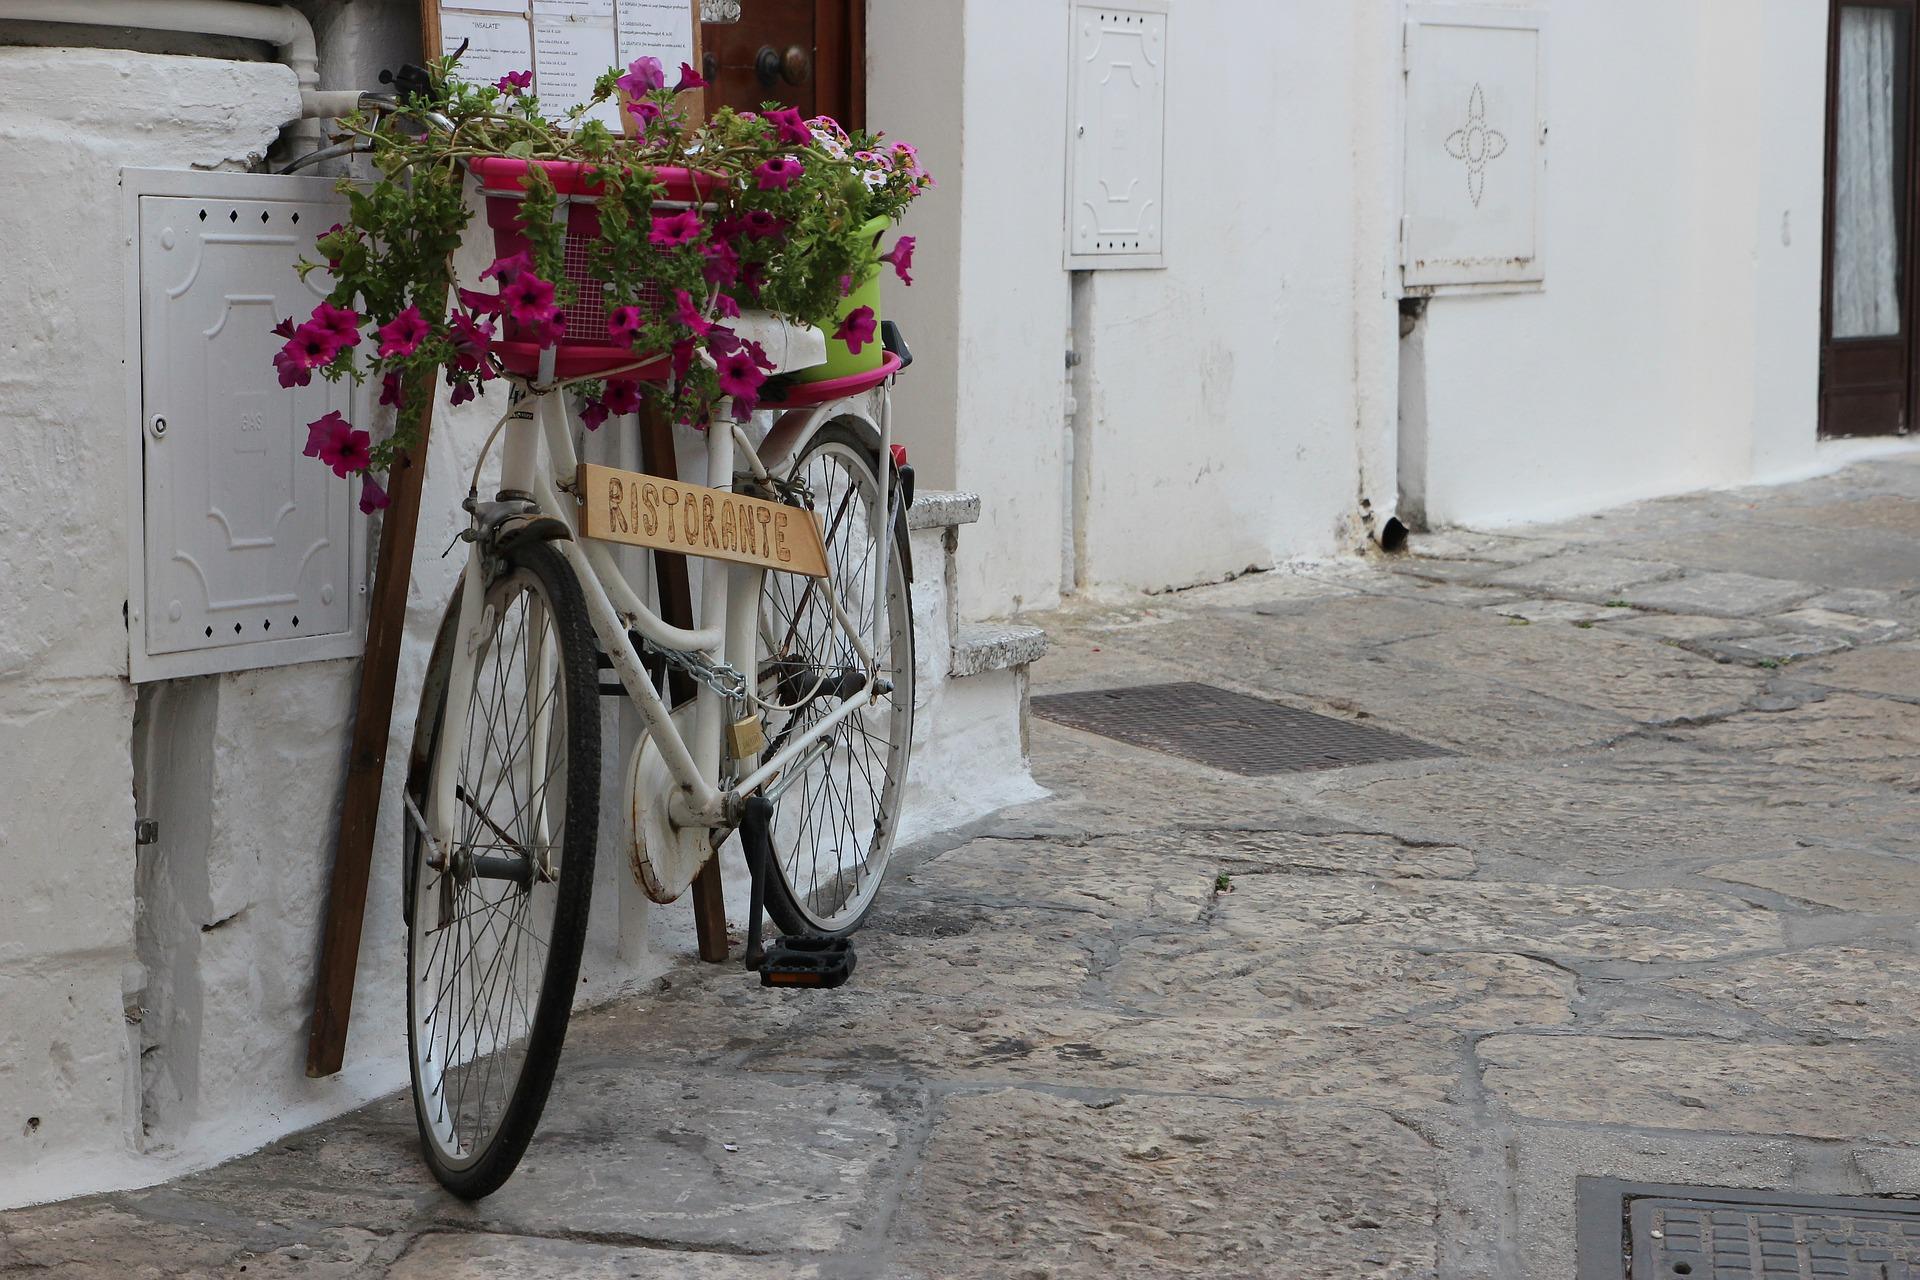 bicicletta bianca con fiori fucsia nel cestino appoggiata a case bianche